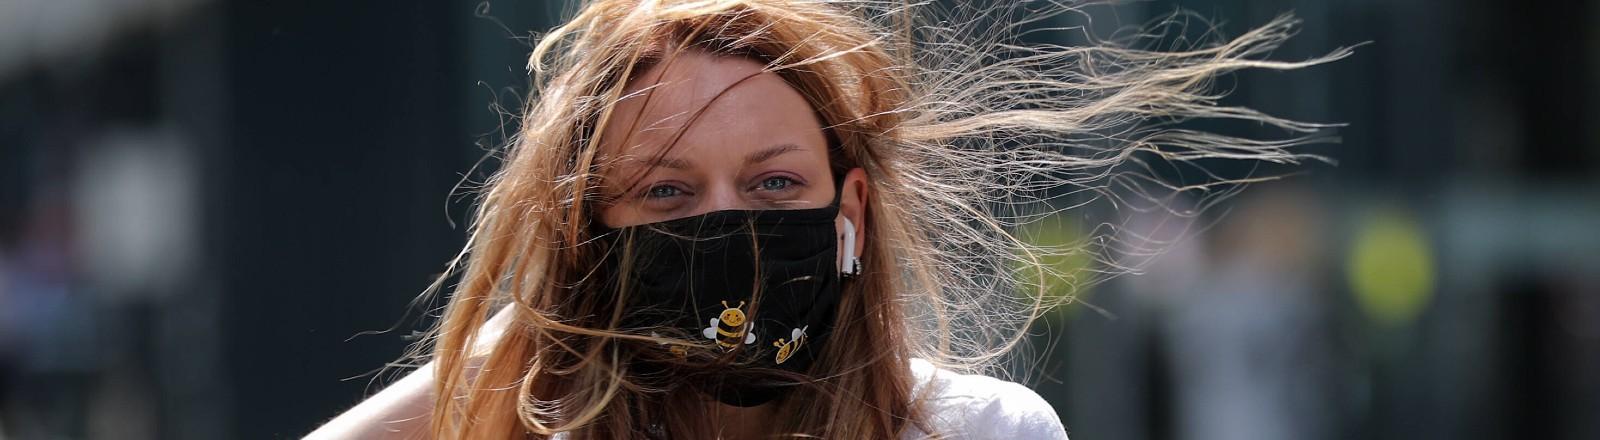 Eine Frau mit Maske und wehendem Haar